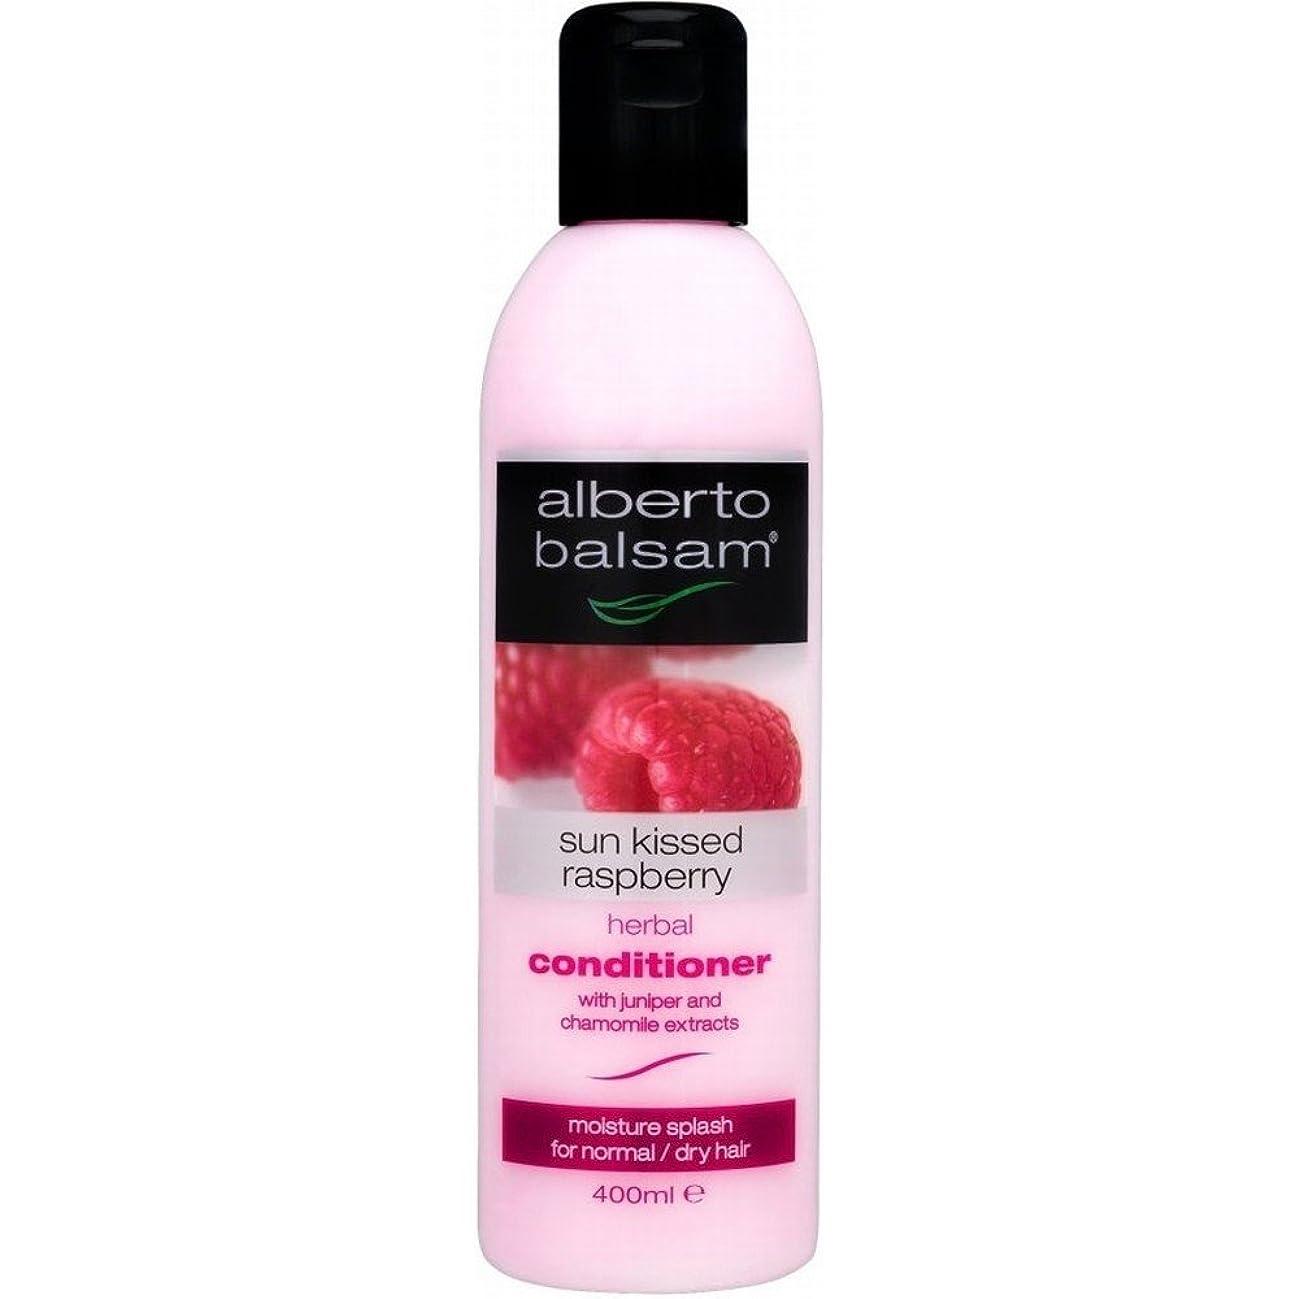 雷雨ペストリー縮約Alberto Balsam Herbal Conditioner - Sun Kissed Raspberry (400ml) アルベルトバルサムハーブコンディショナー - 太陽は( 400ミリリットル)ラズベリーキスをした [並行輸入品]